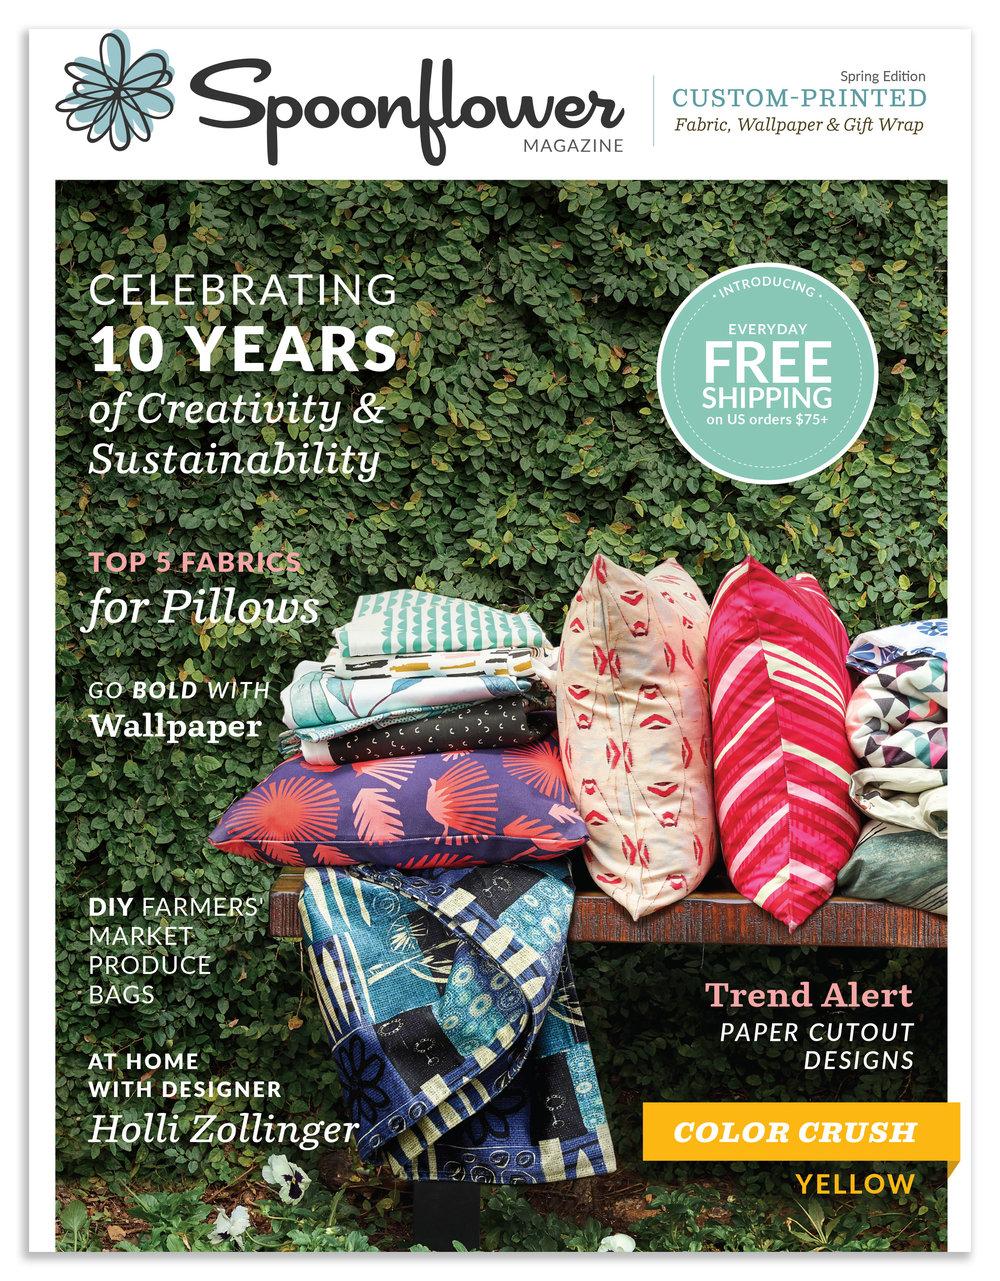 SF-SPR18-Magazine-DigitalCopy-FINAL-1 copy.jpg